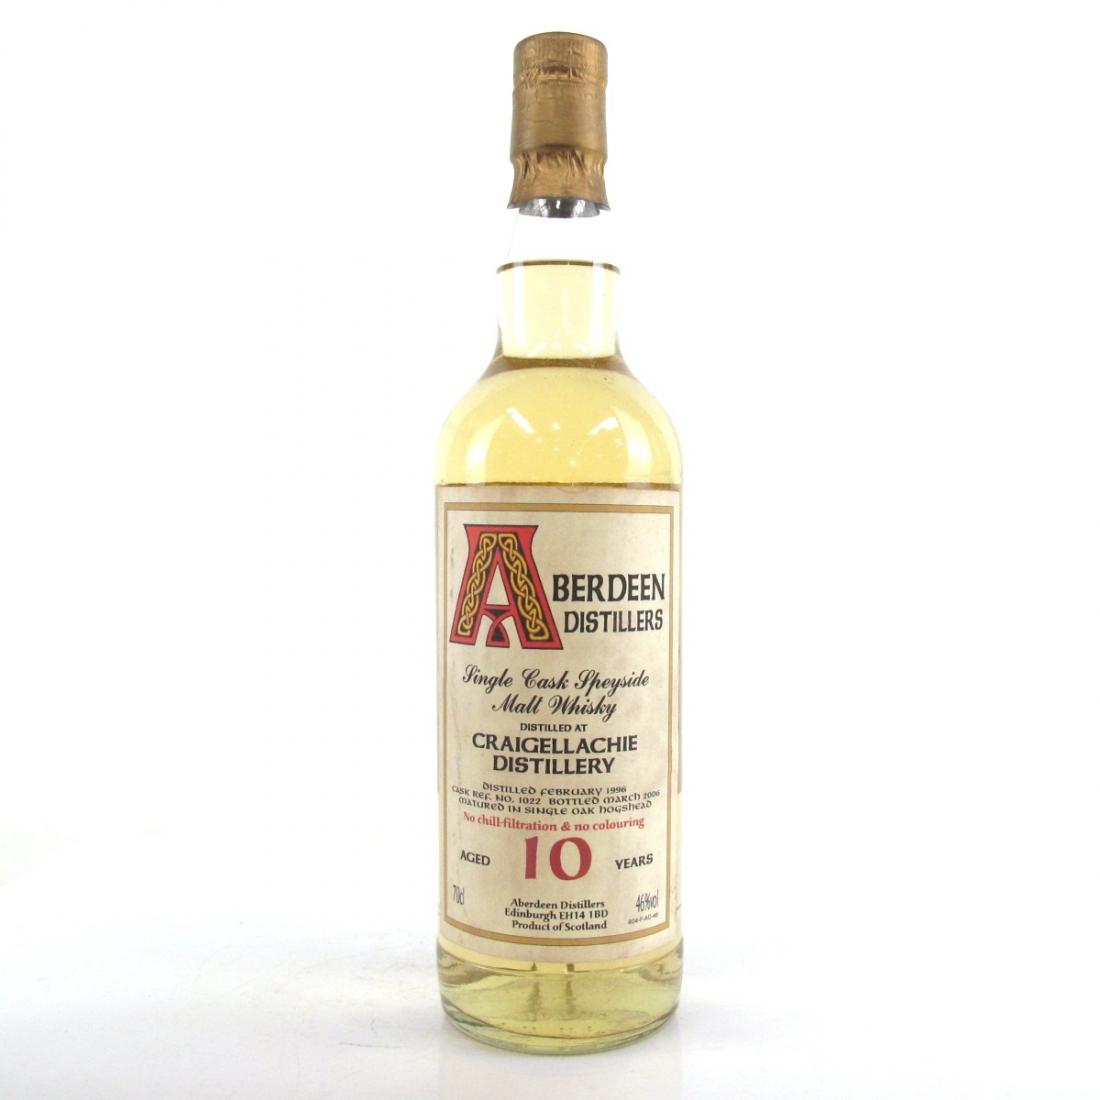 Craigellachie 1996 Aberdeen Distillers 10 Year Old